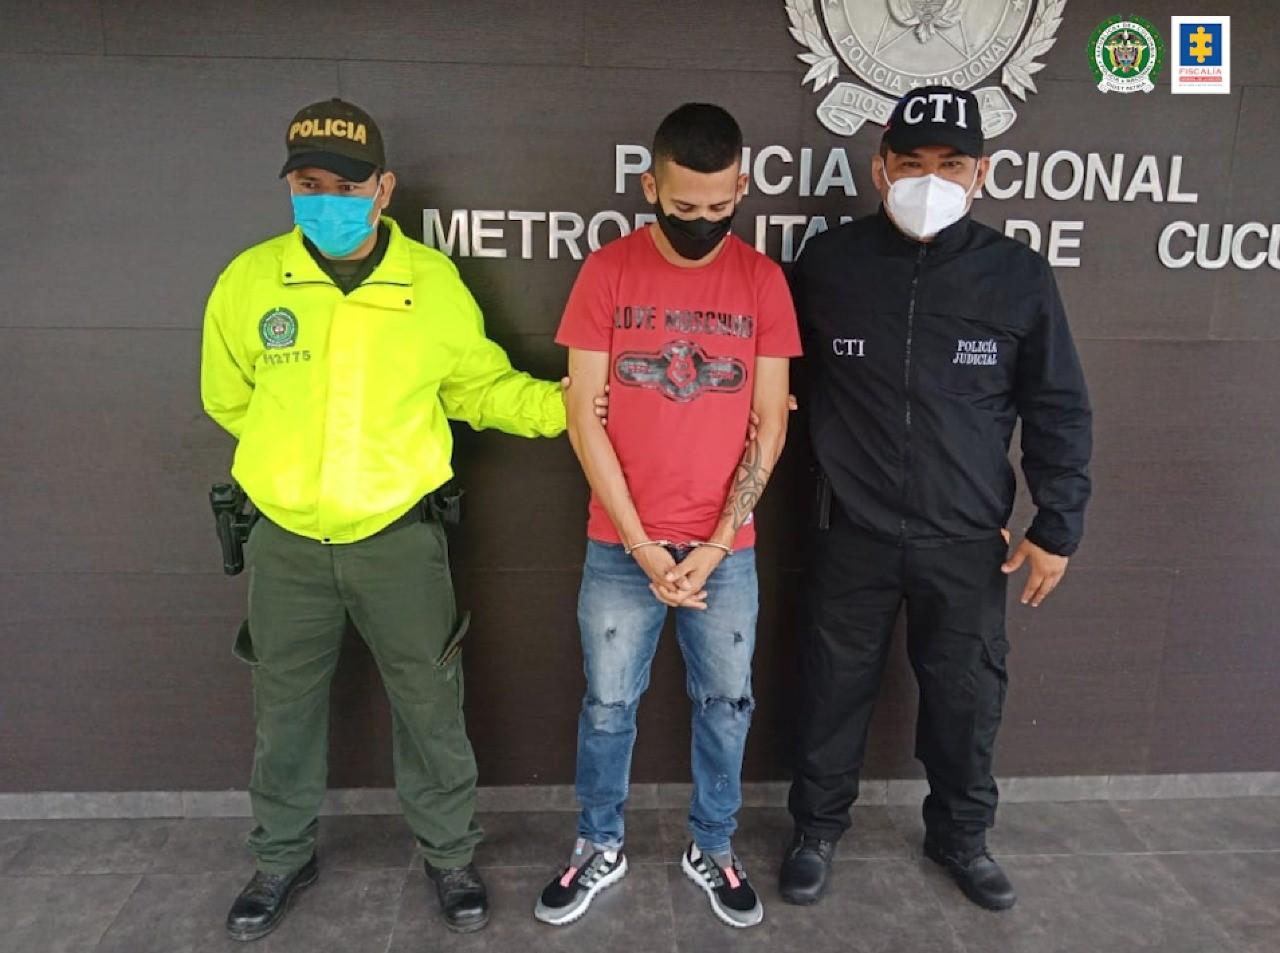 Cárcel para presunto responsable del homicidio de un hombre en Los Patios (Norte de Santander) - Noticias de Colombia